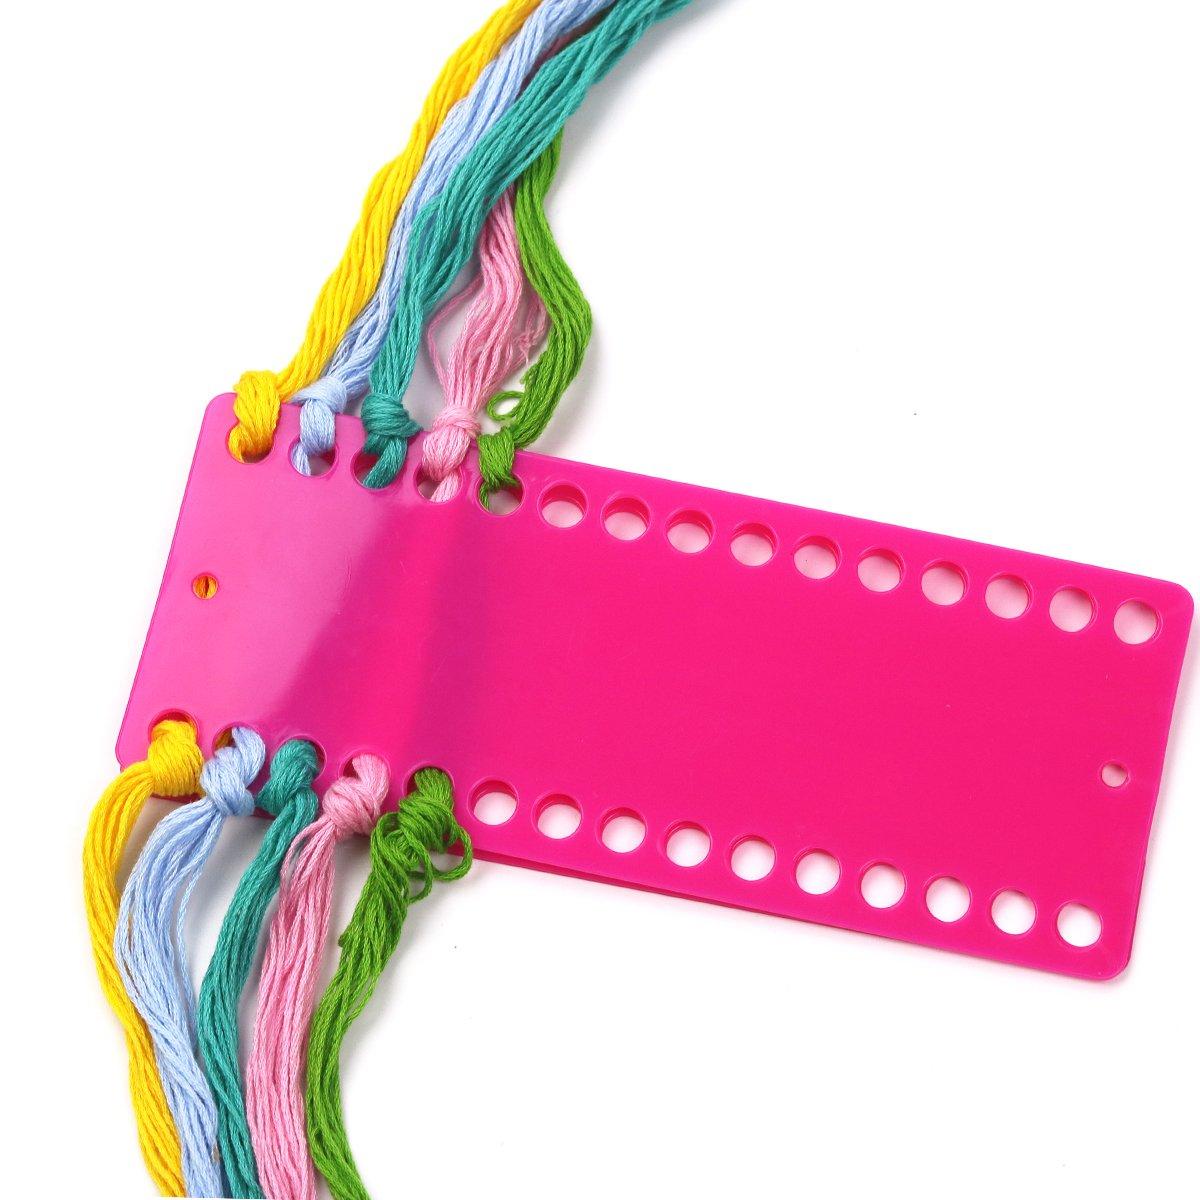 D&D Floss Organiser, 30 Positions Cross Stitch Thread Organiser Cards Holder - 2PCS Thread Holder (Red)